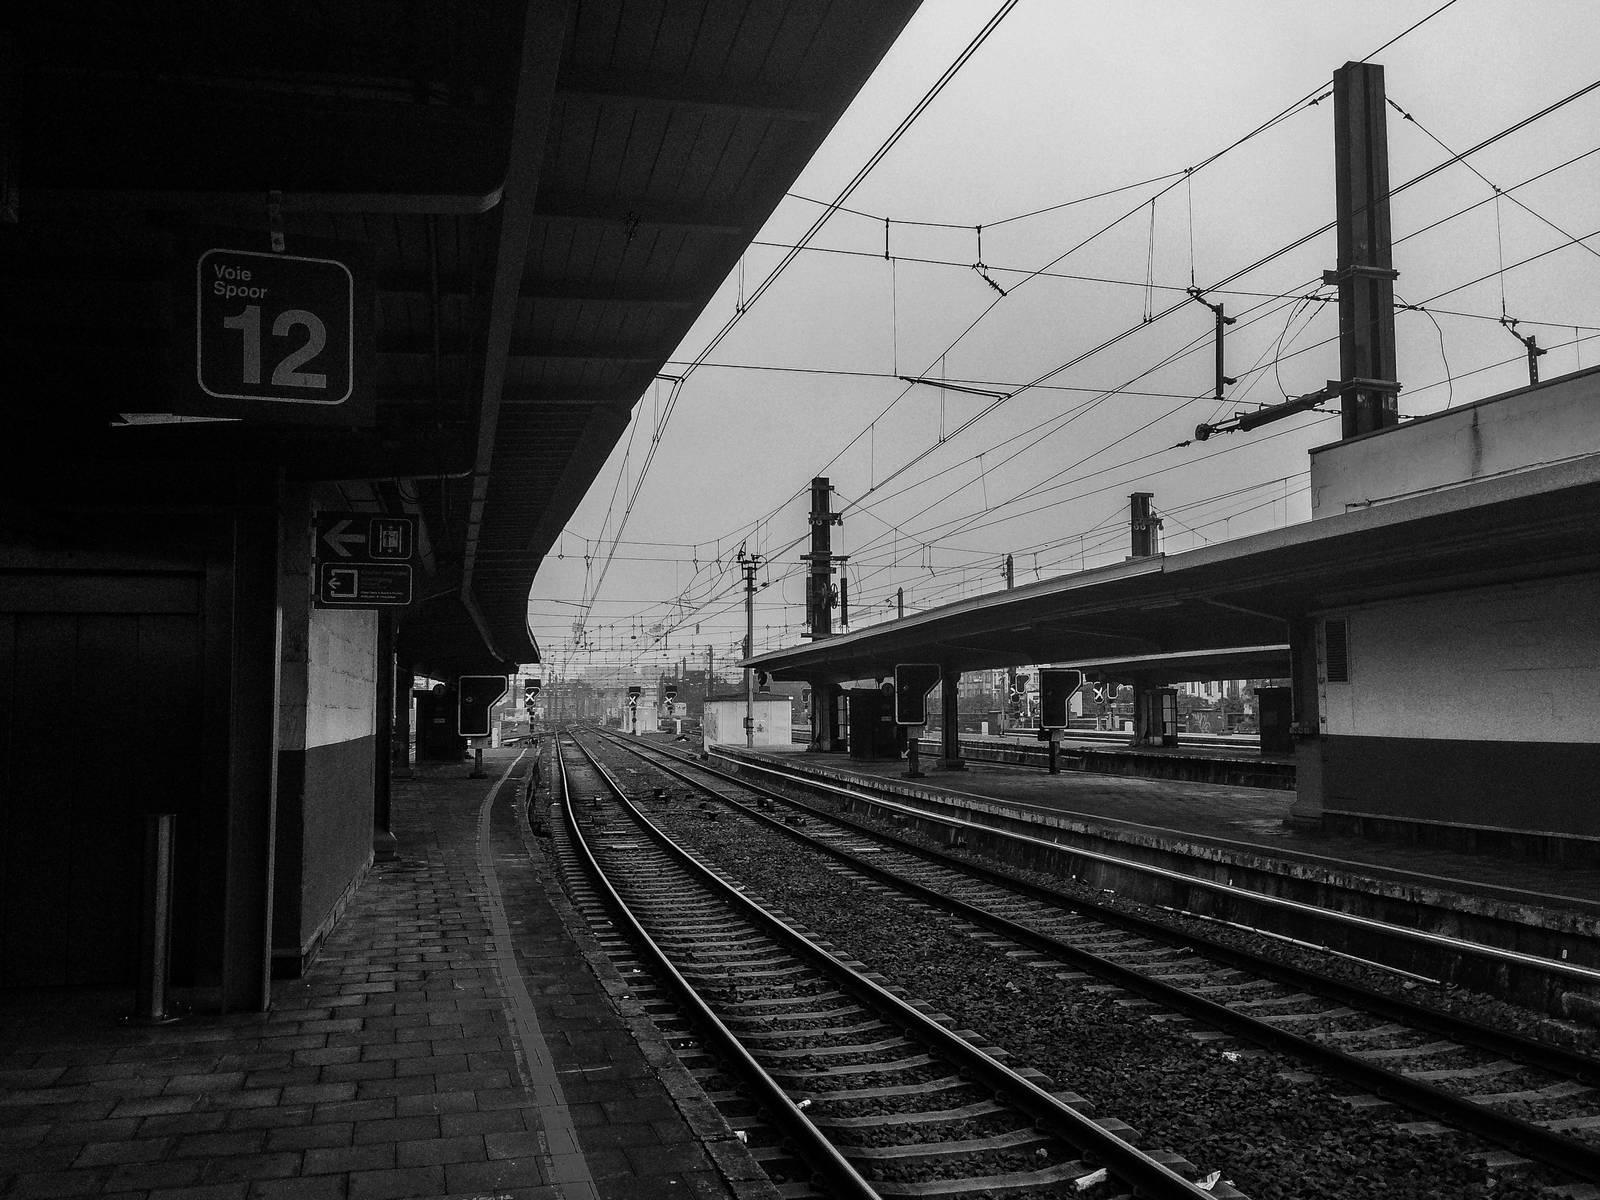 Platform 12 at Zuidstation, Brussels